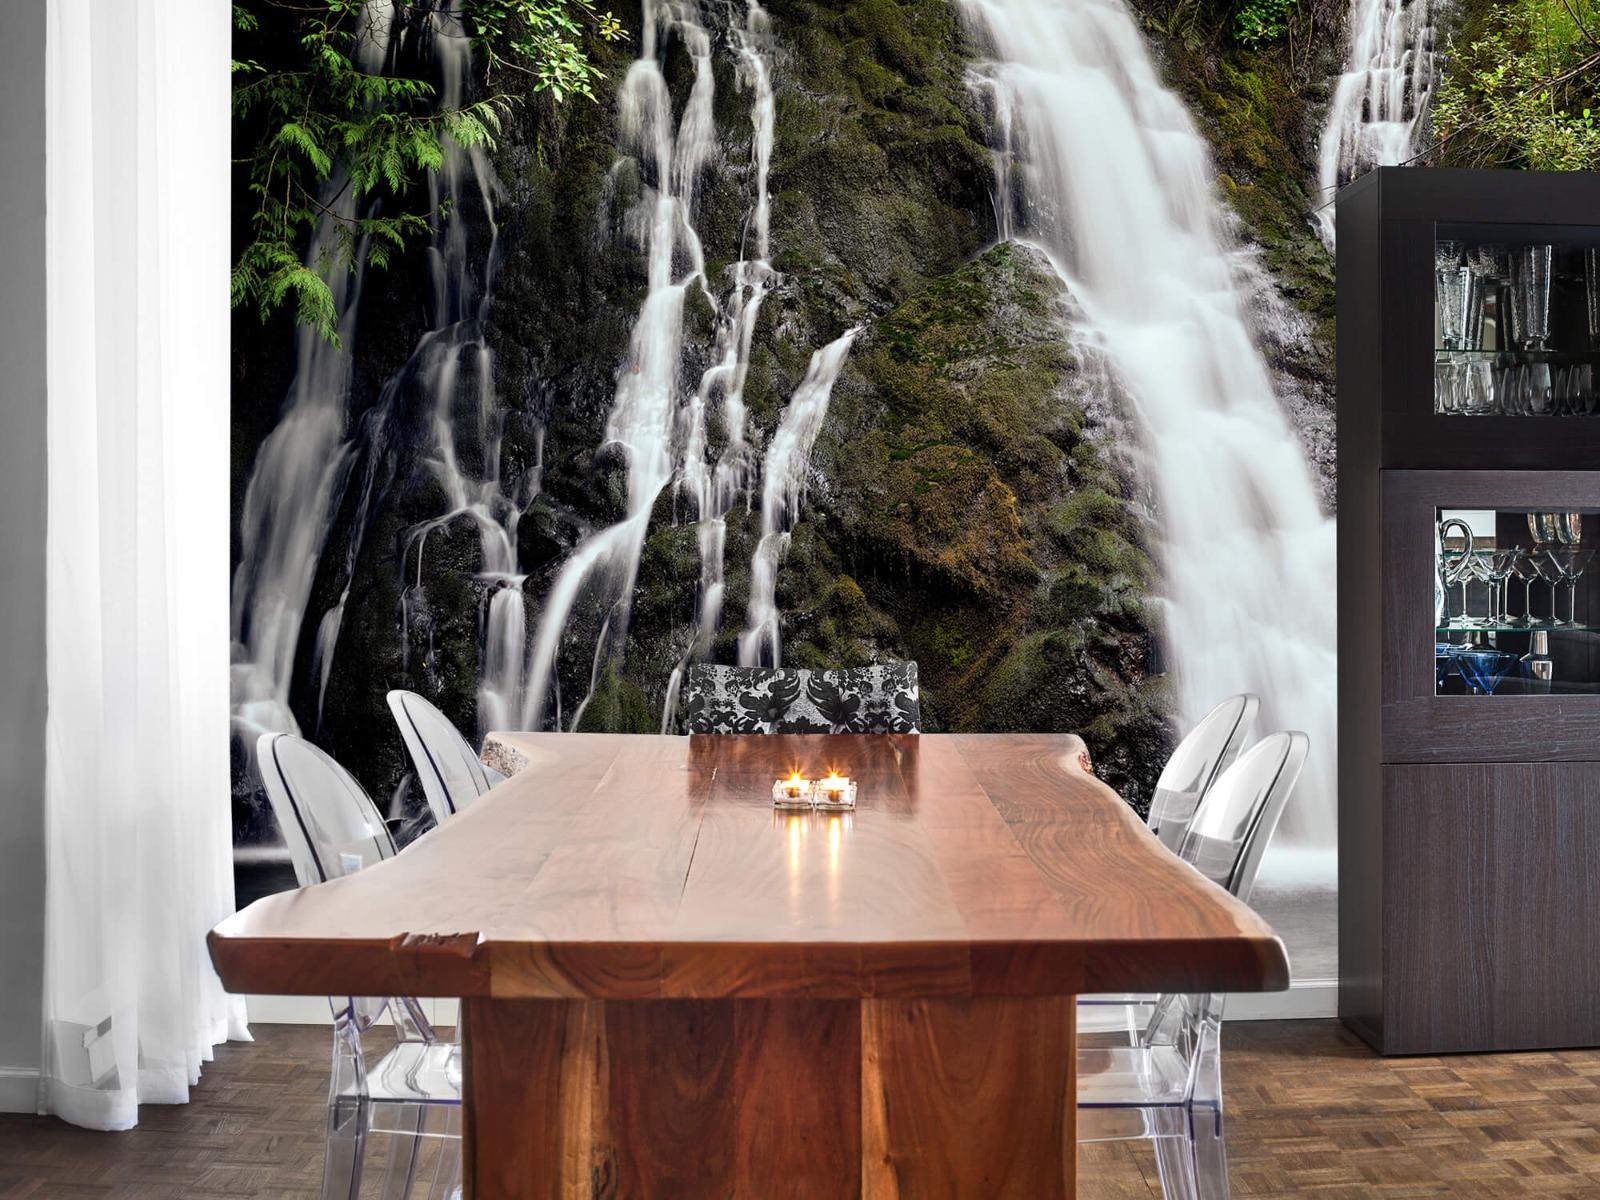 Watervallen - Waterval met 4 stromen - Wallexclusive - Slaapkamer 4